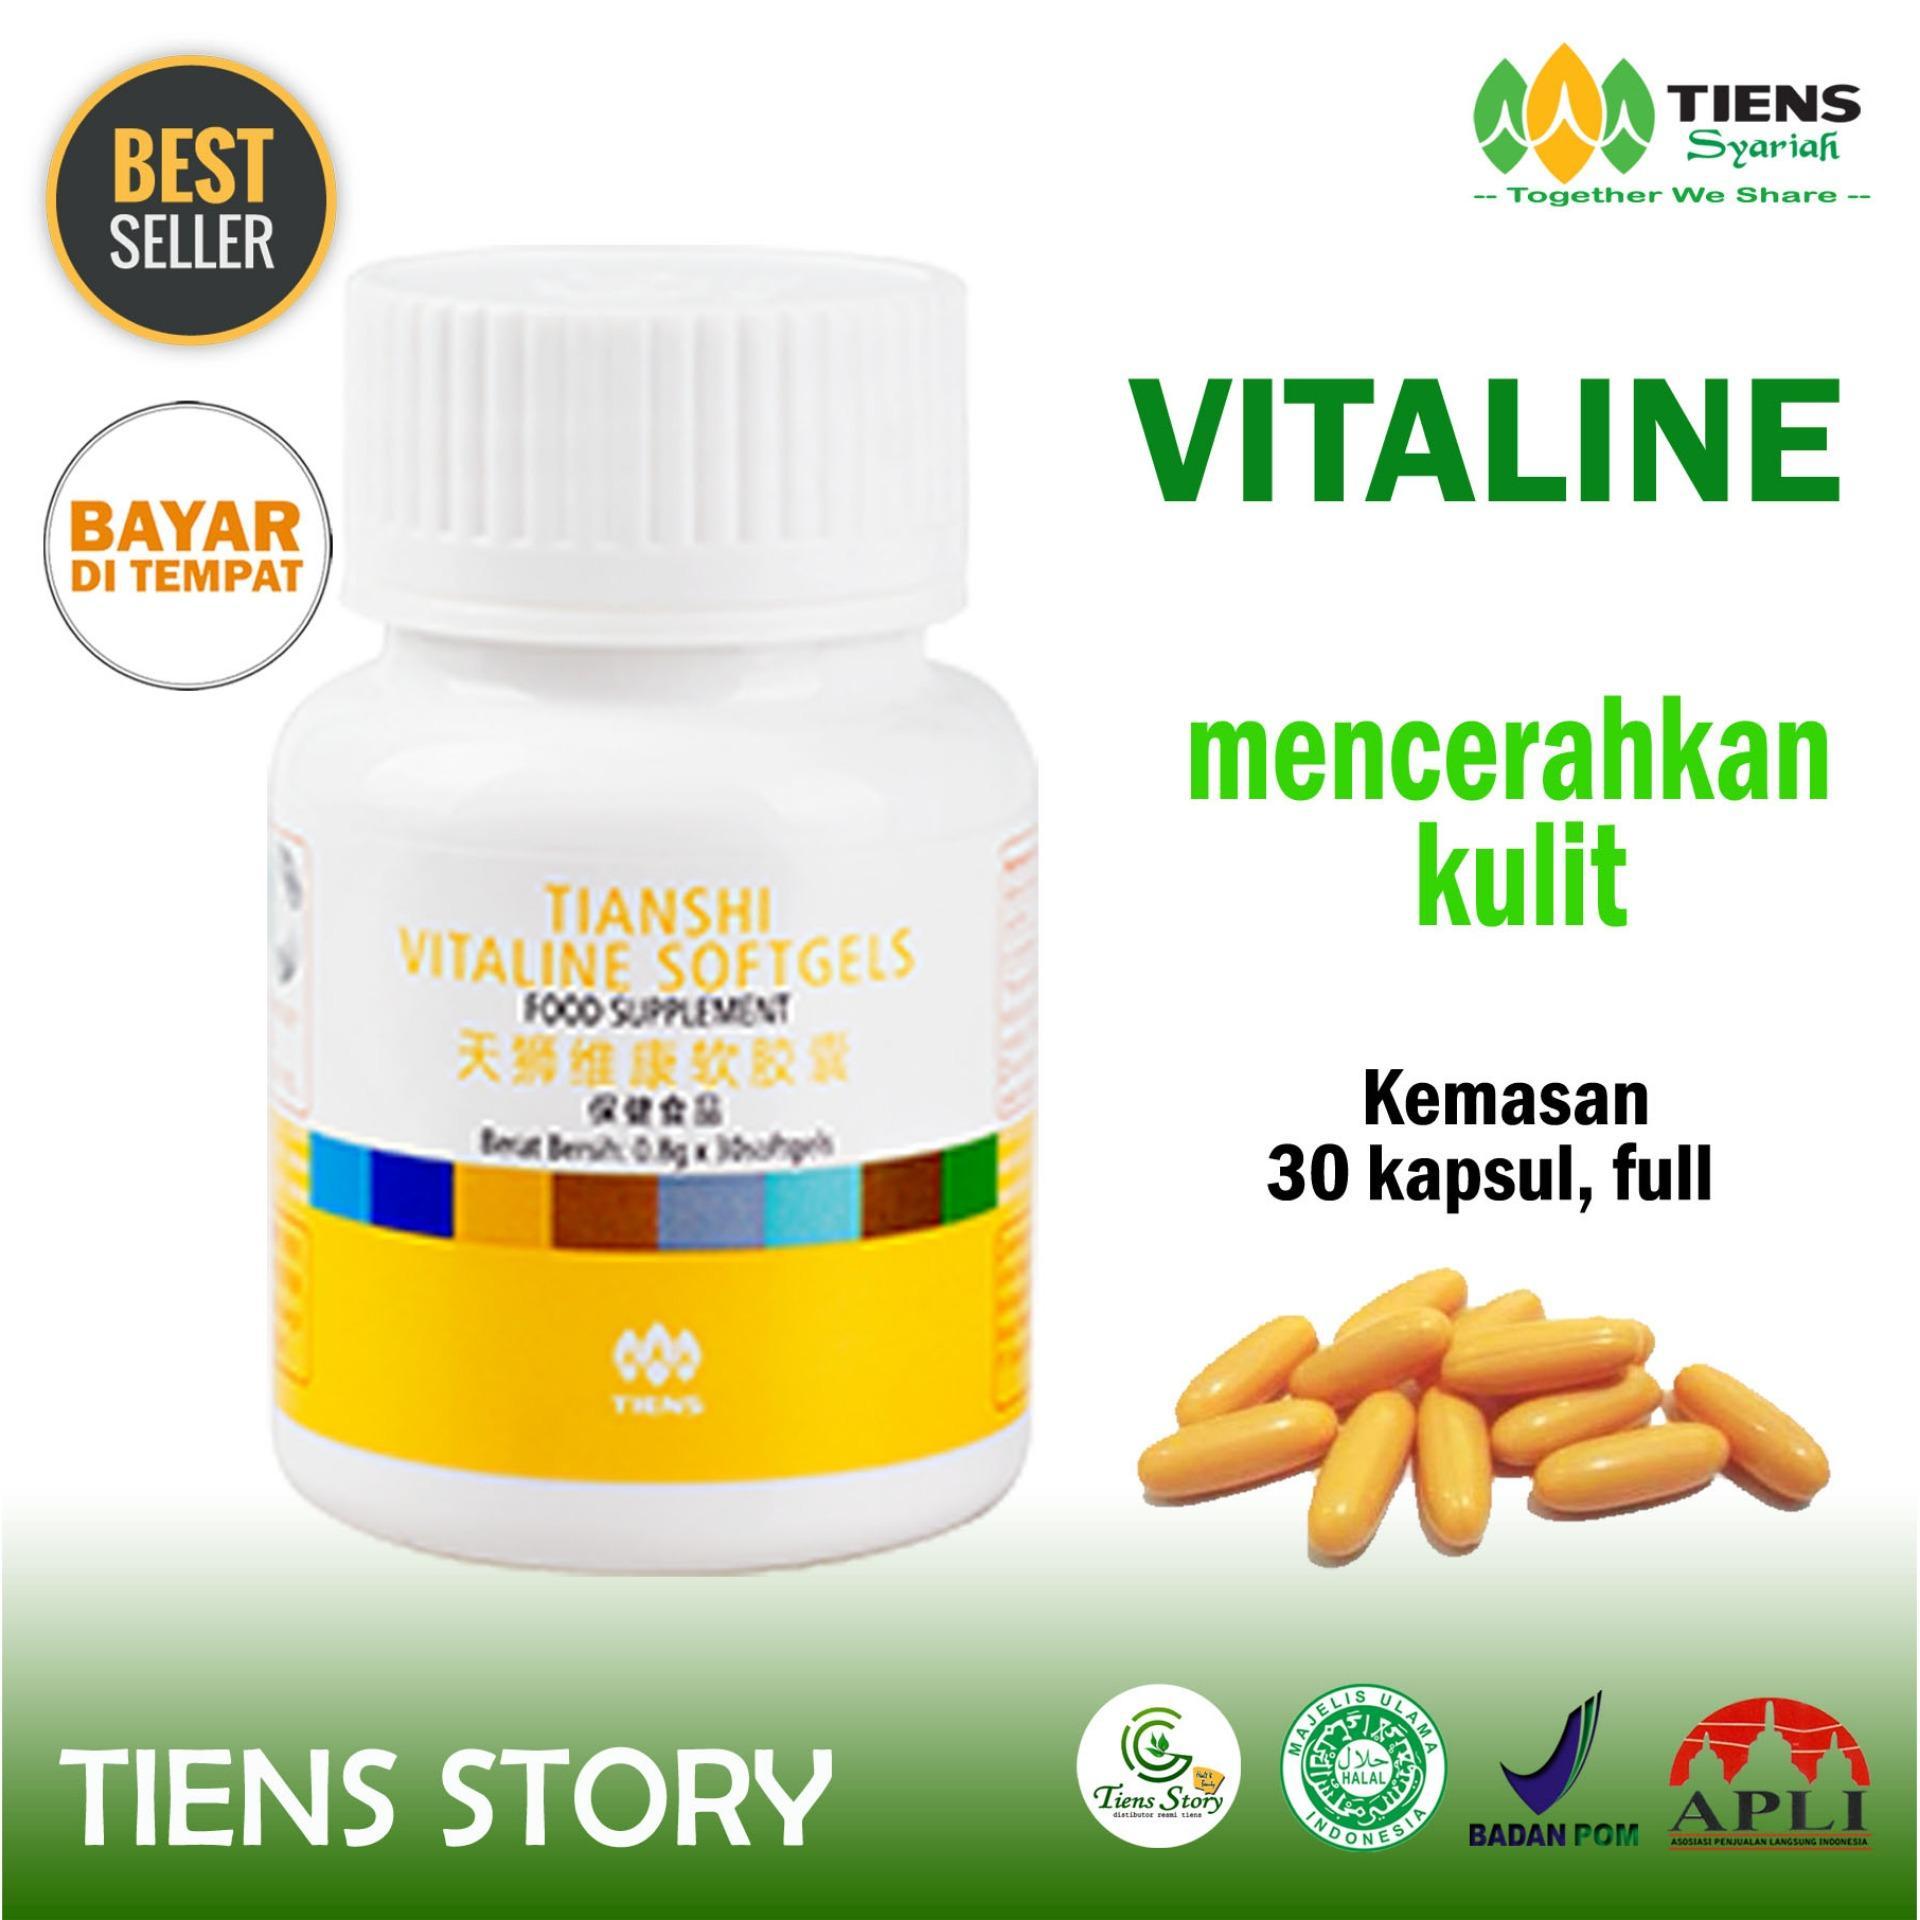 Pemutih Seluruh Tubuh Alami - Vitaline Sofgel 30 Kapsul Full - Best Seller Tiens Story - Bisa Cod/bayar Di Tempat By Tiens Story.